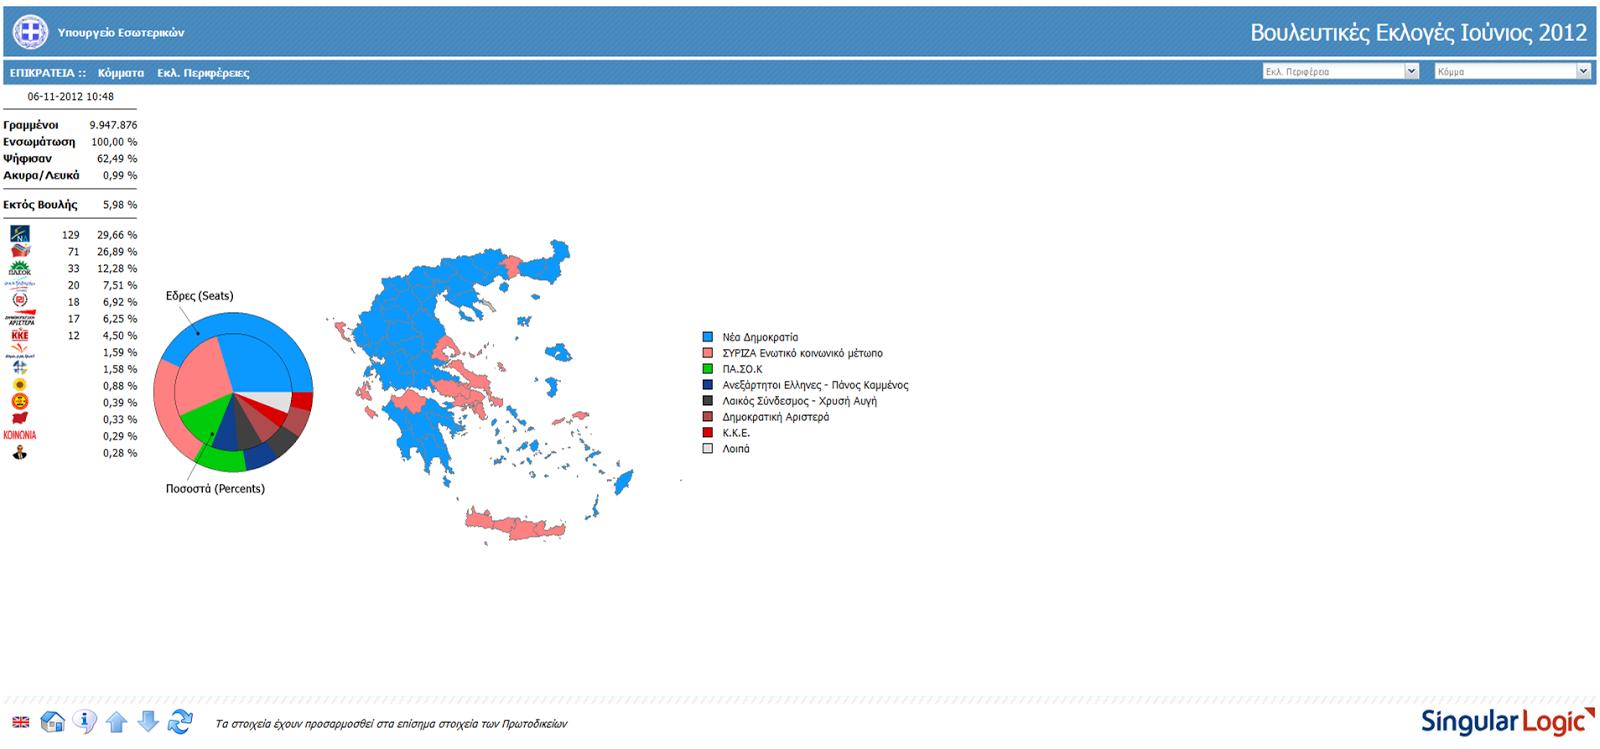 Βουλευτικές Εκλογές Ιούνιος 2012